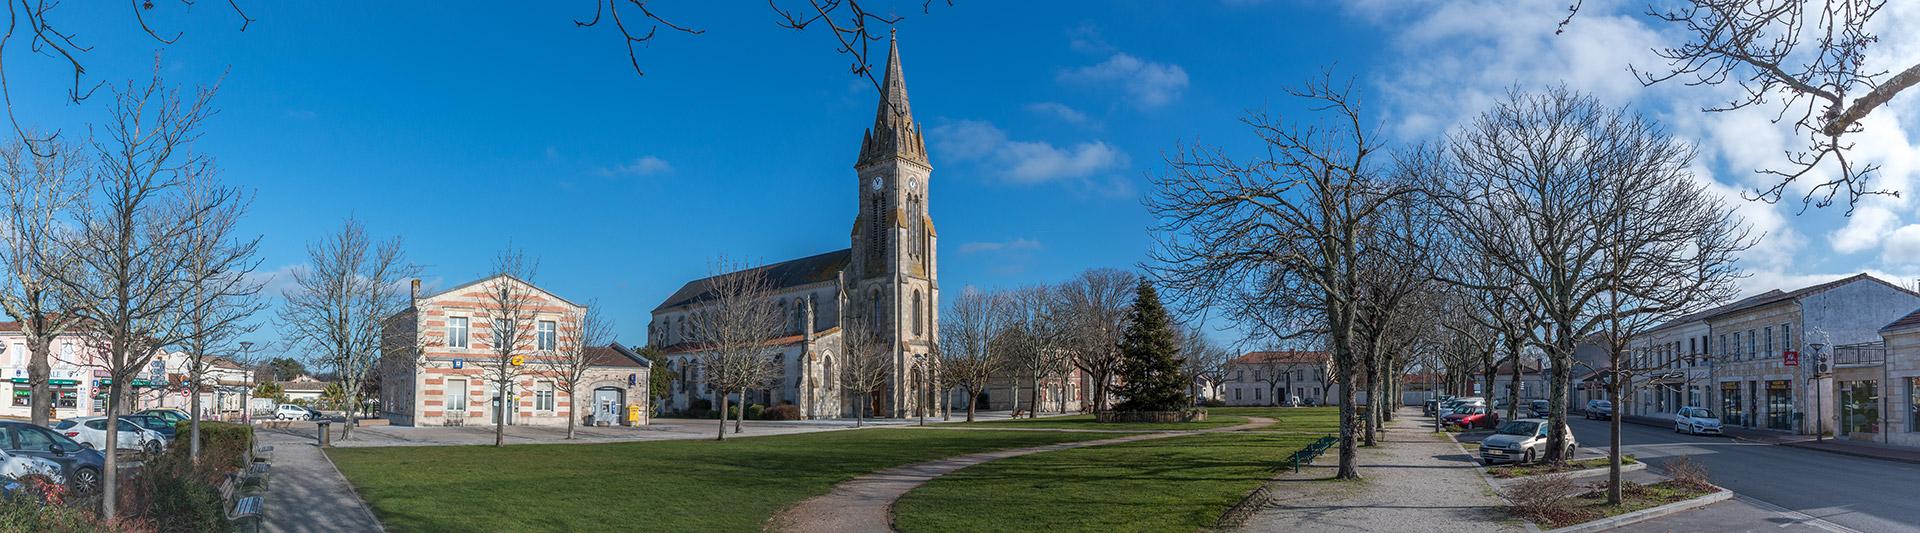 Place centrale de Hourtin Ville : la place de l'église